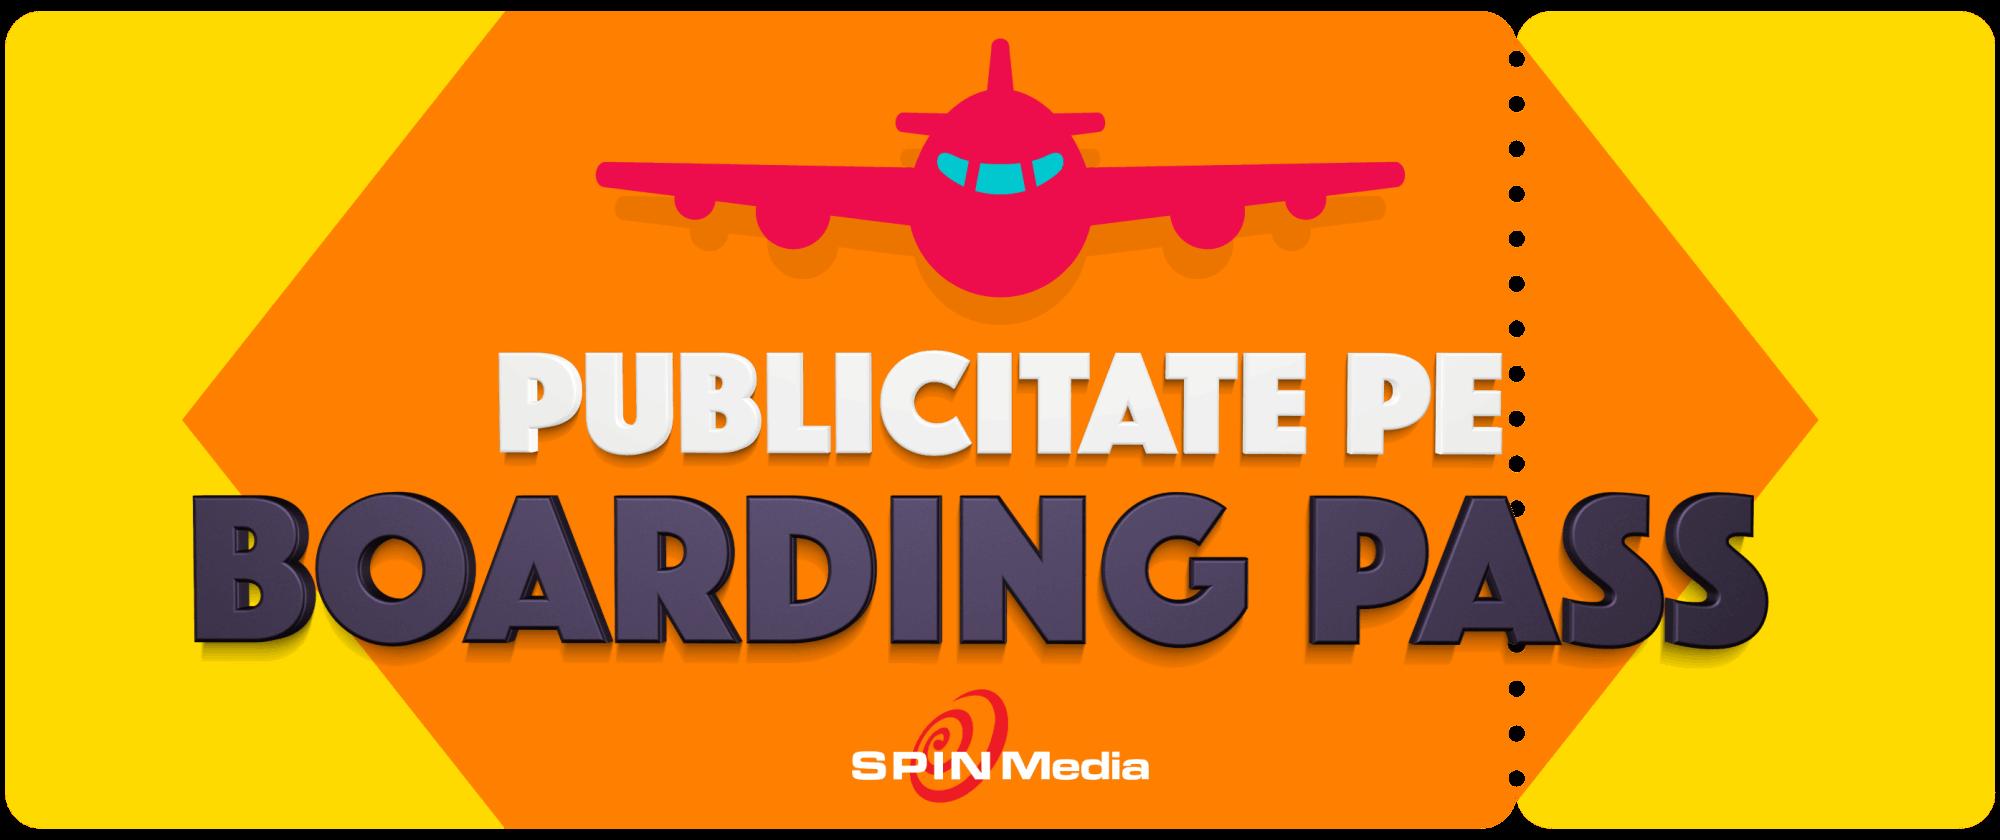 reclama-boarding-pass-7-2000x840